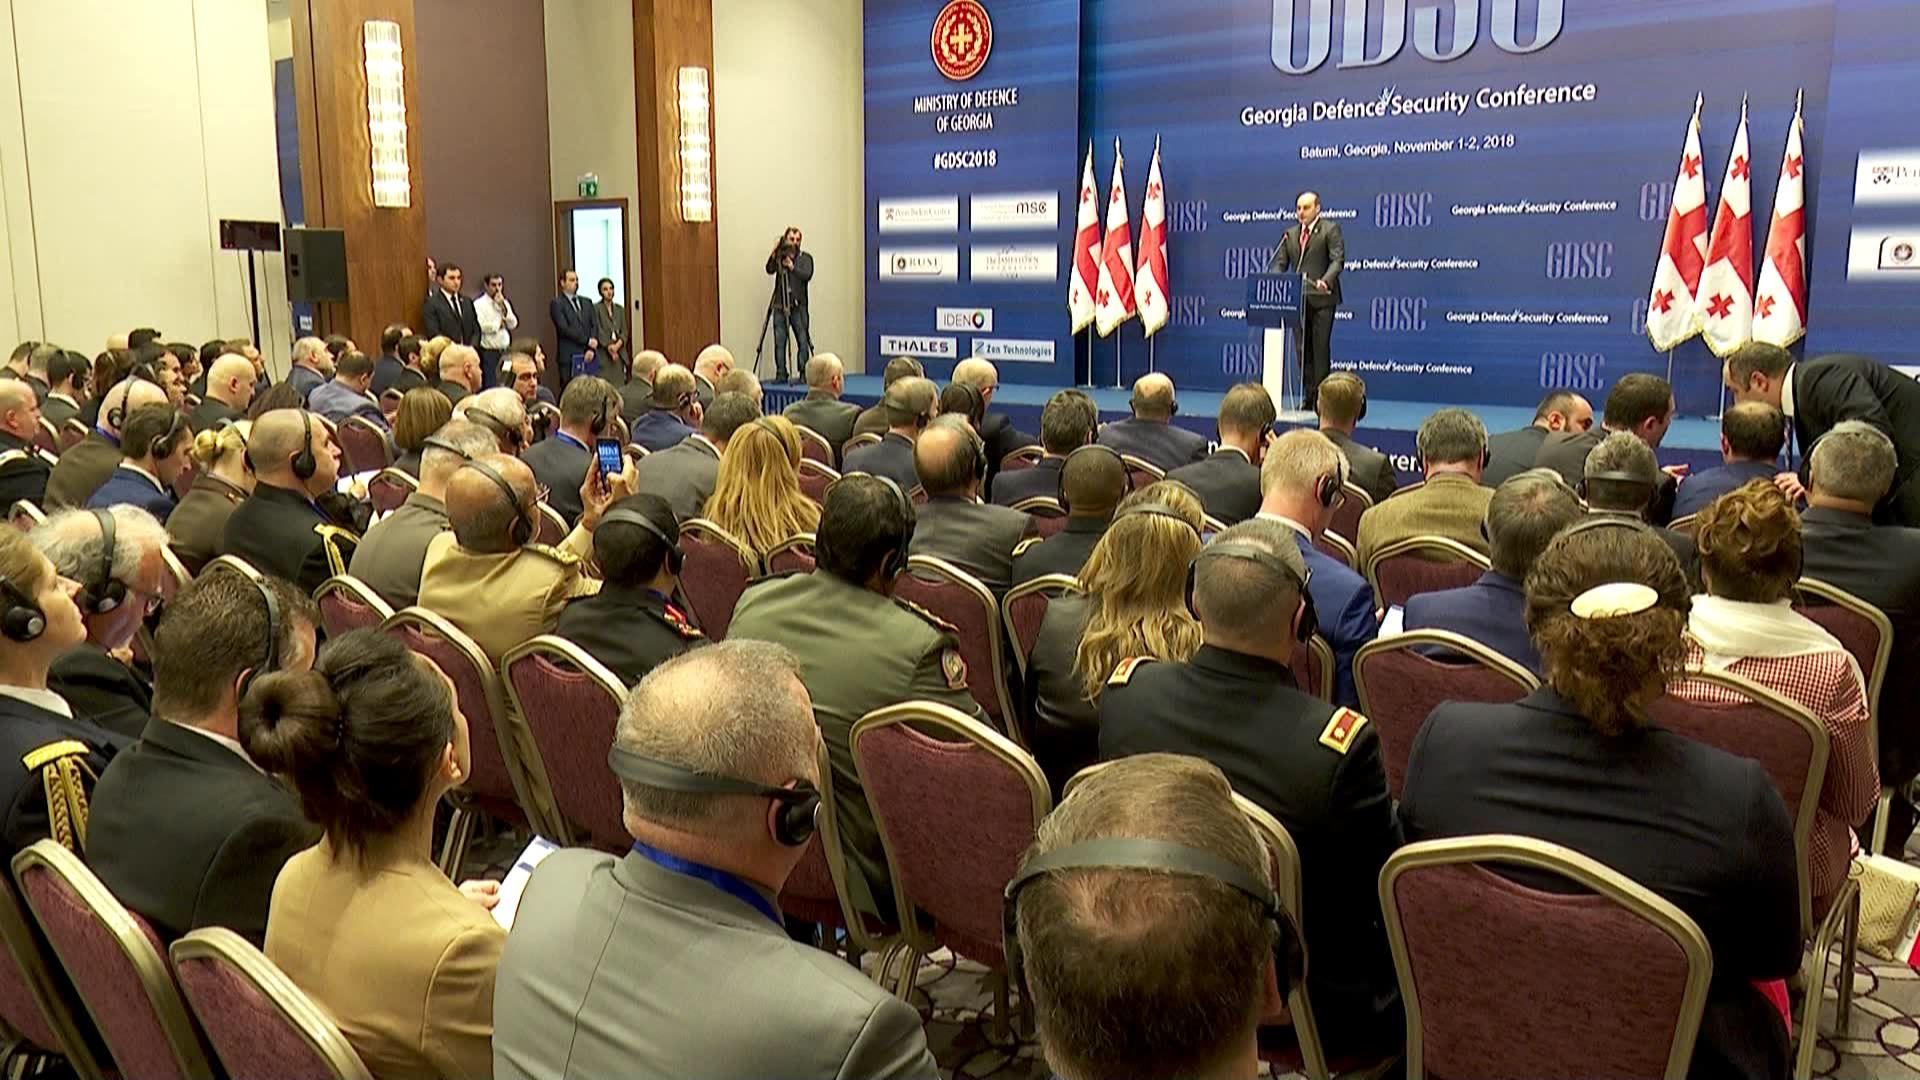 საქართველოს თავდაცვის და უსაფრთხოების კონფერენცია